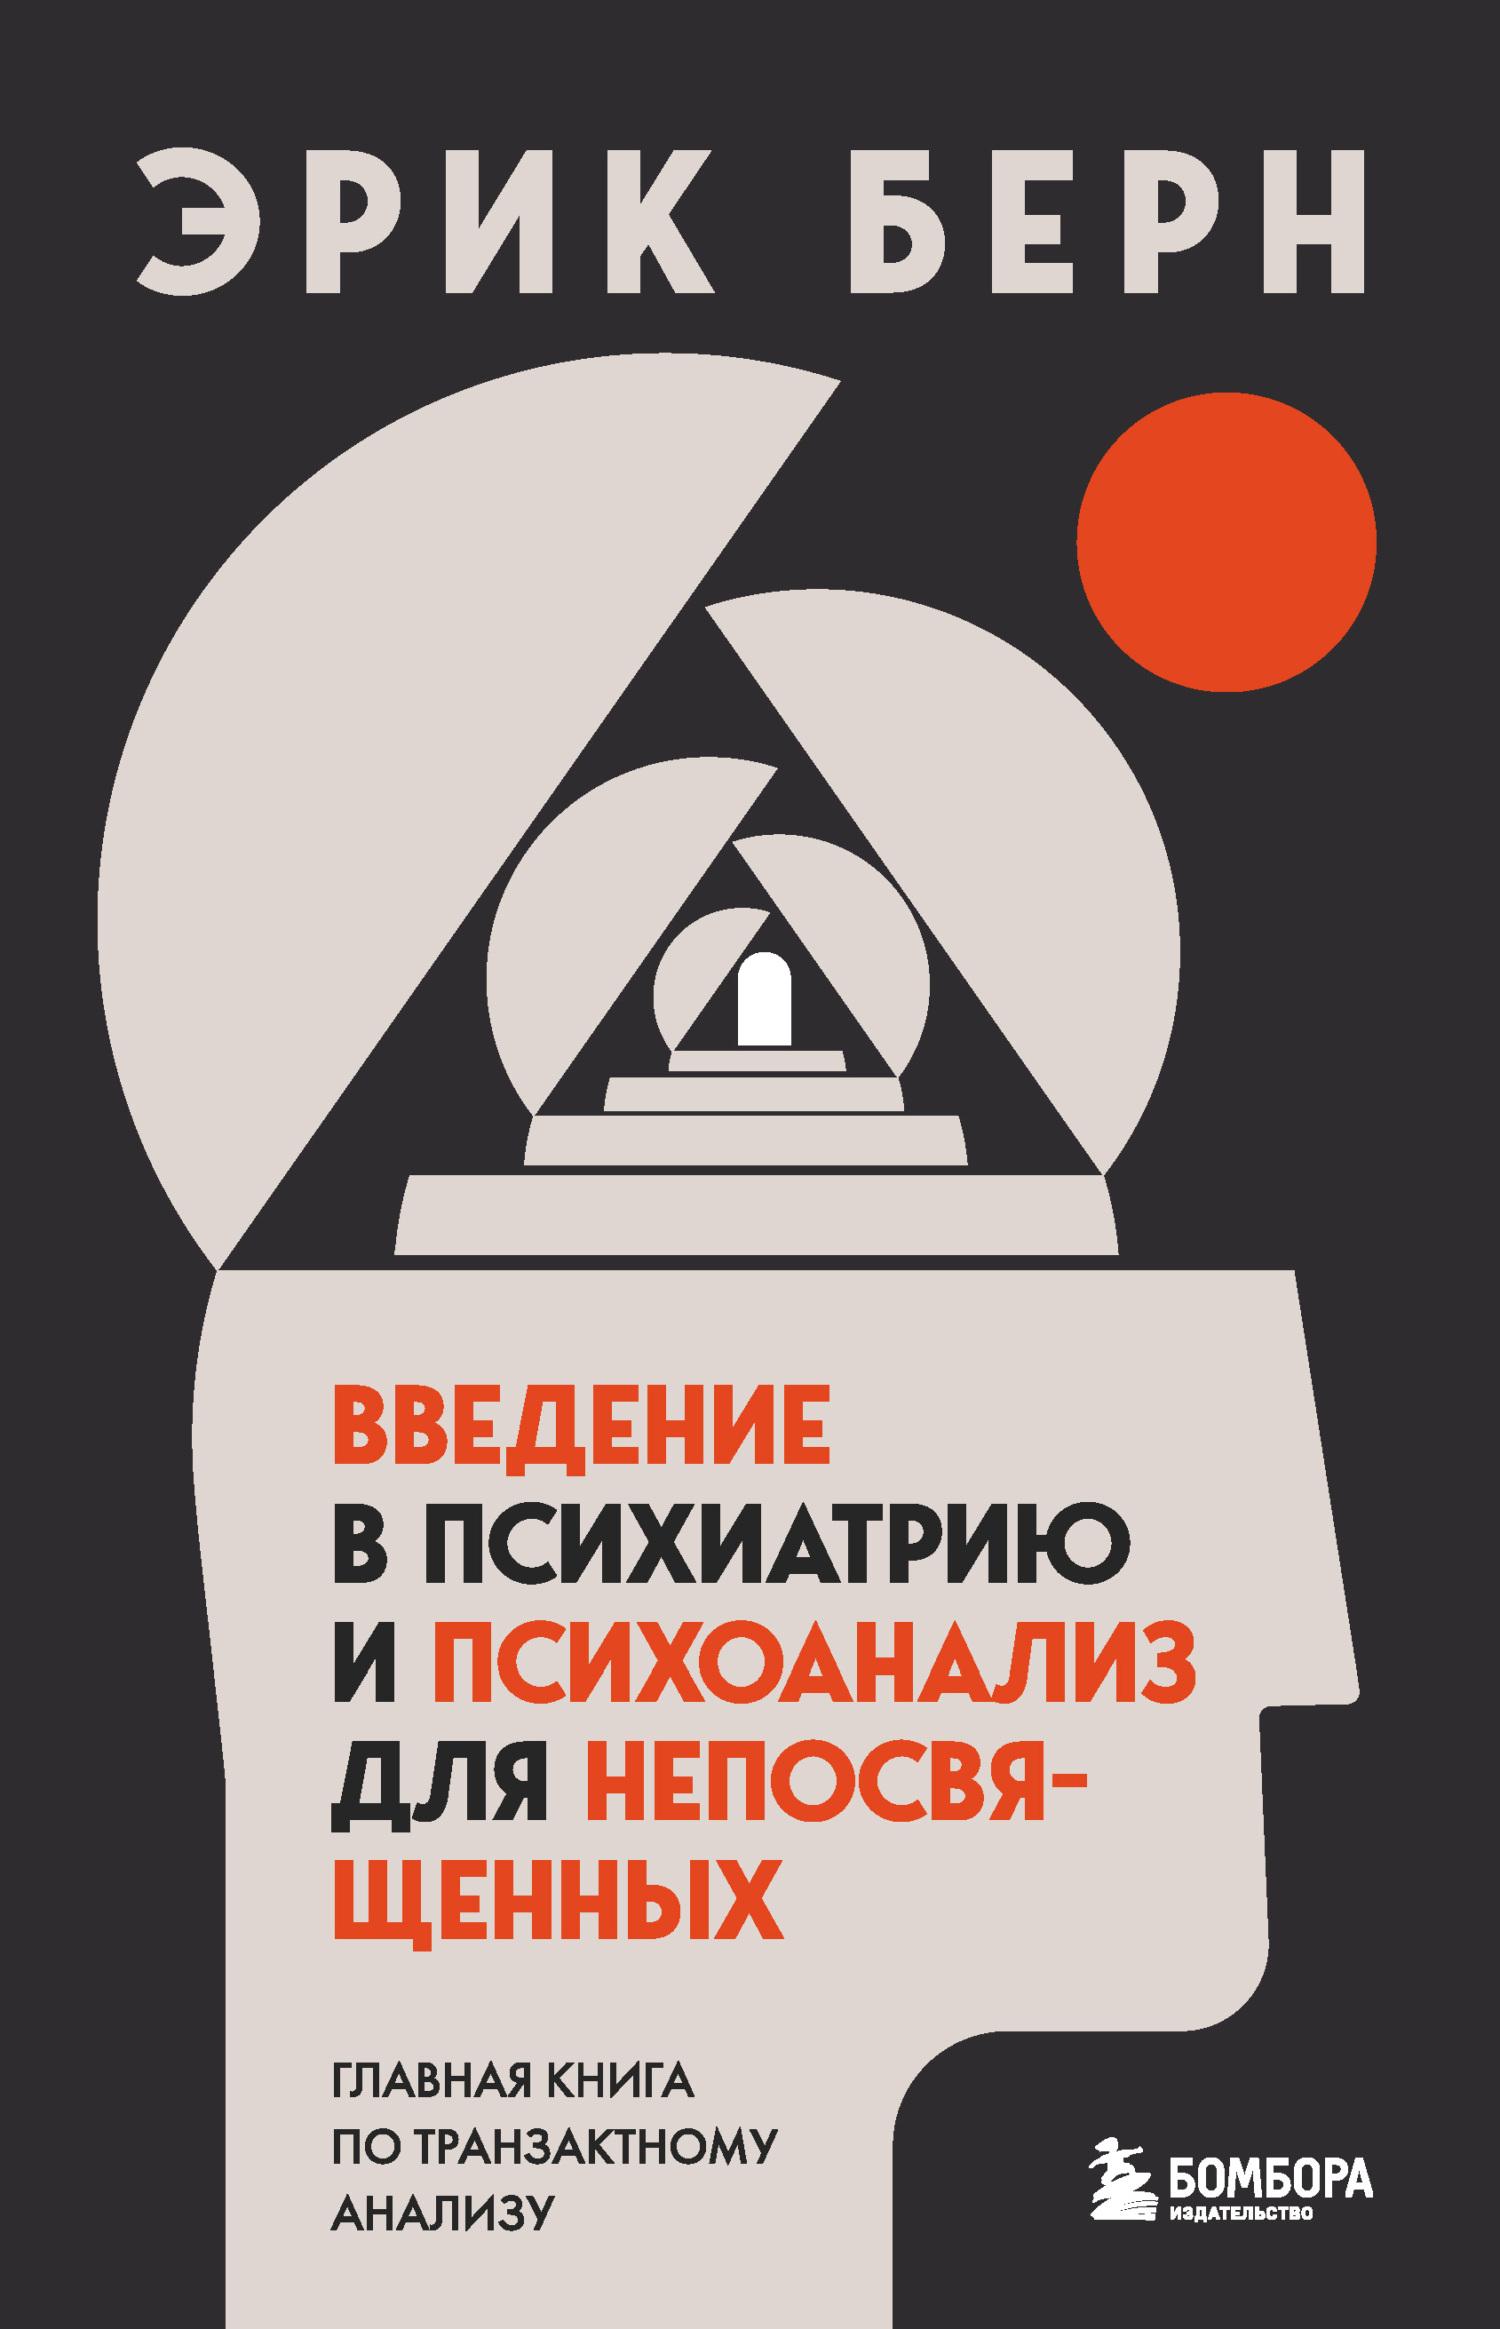 Эрик Берн Введение в психиатрию и психоанализ для непосвященных. Главная книга по транзактному анализу эрик берн введение в психиатрию и психоанализ для непосвященных